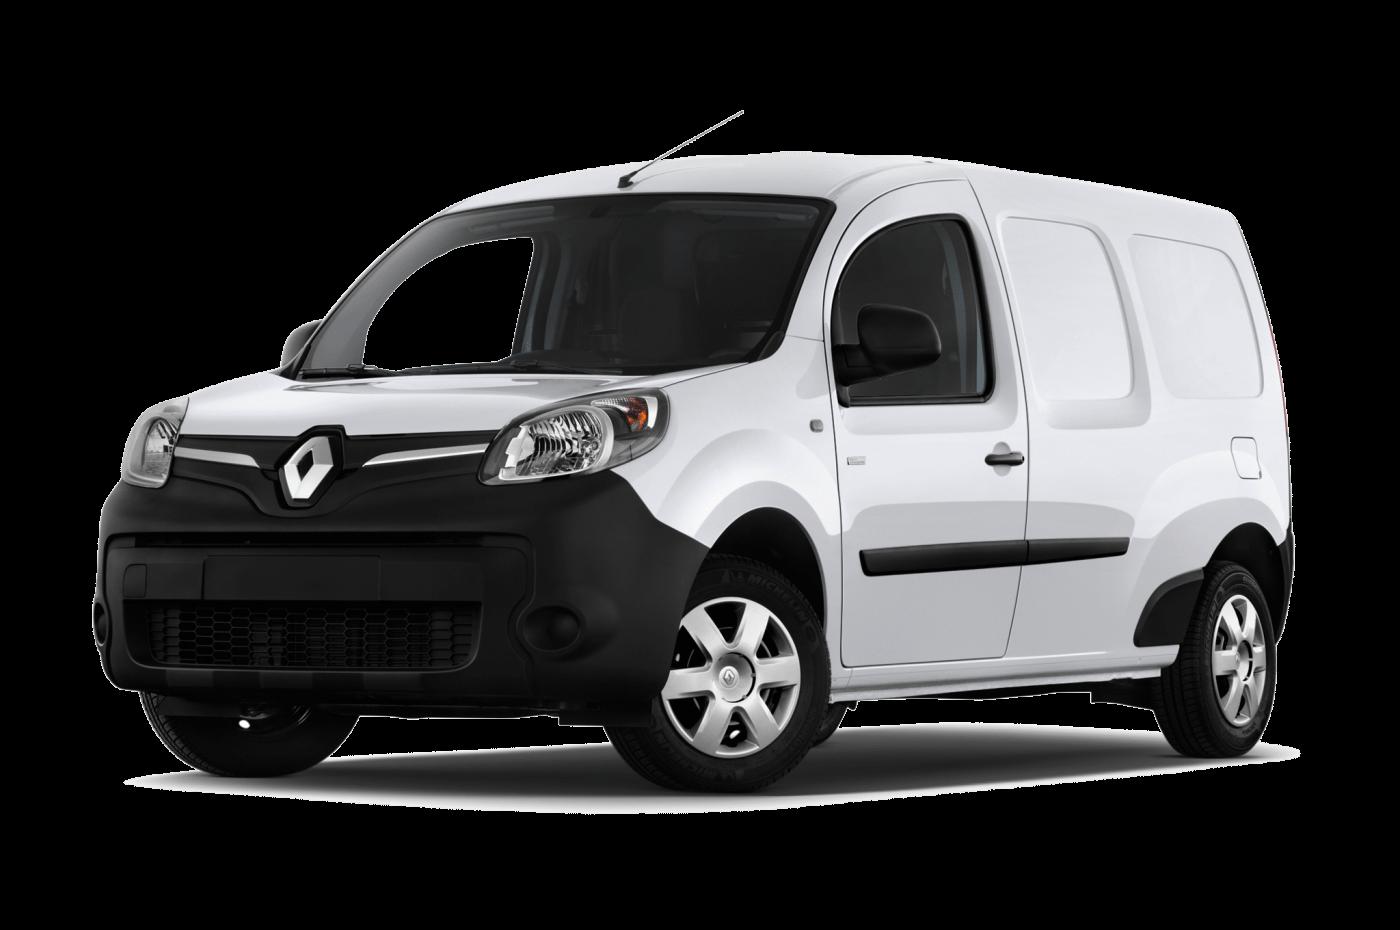 Renault Kangoo maxi ZE 33 Image